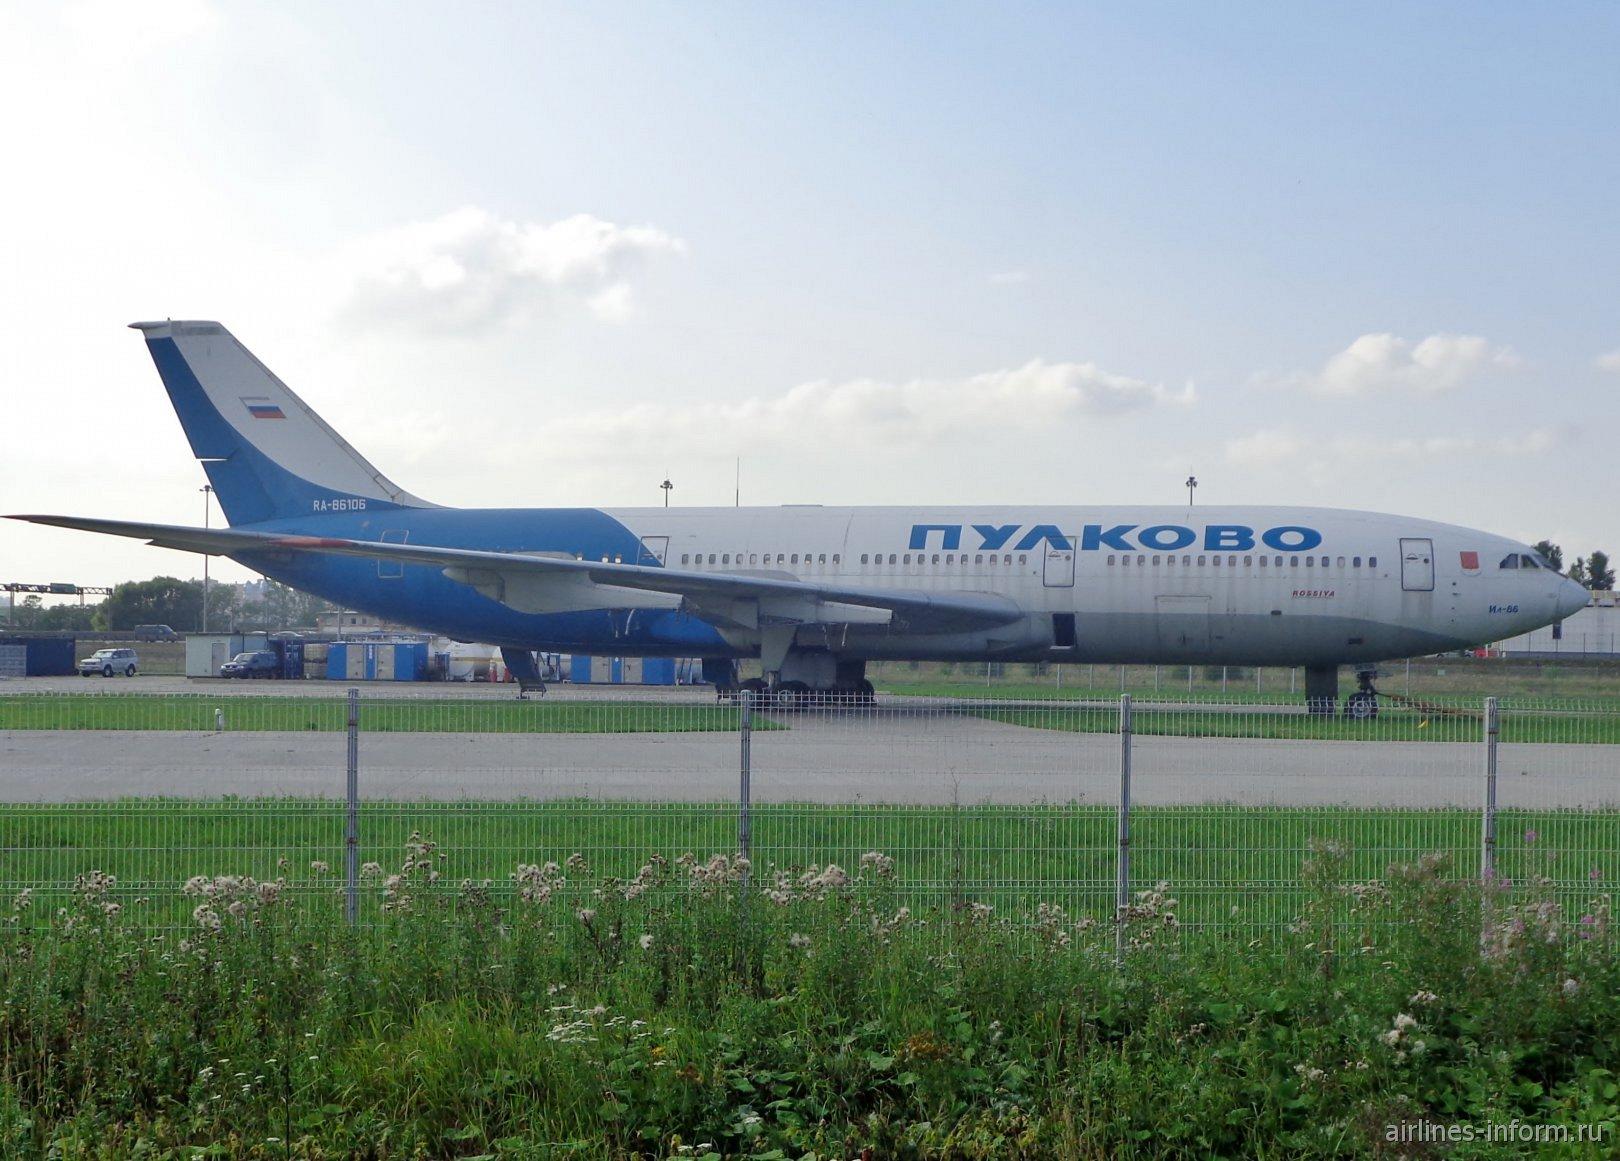 Самолет Ил-86 RA-86106 на территории вертолётного центра Хелидрайв рядом с аэропортом Пулково